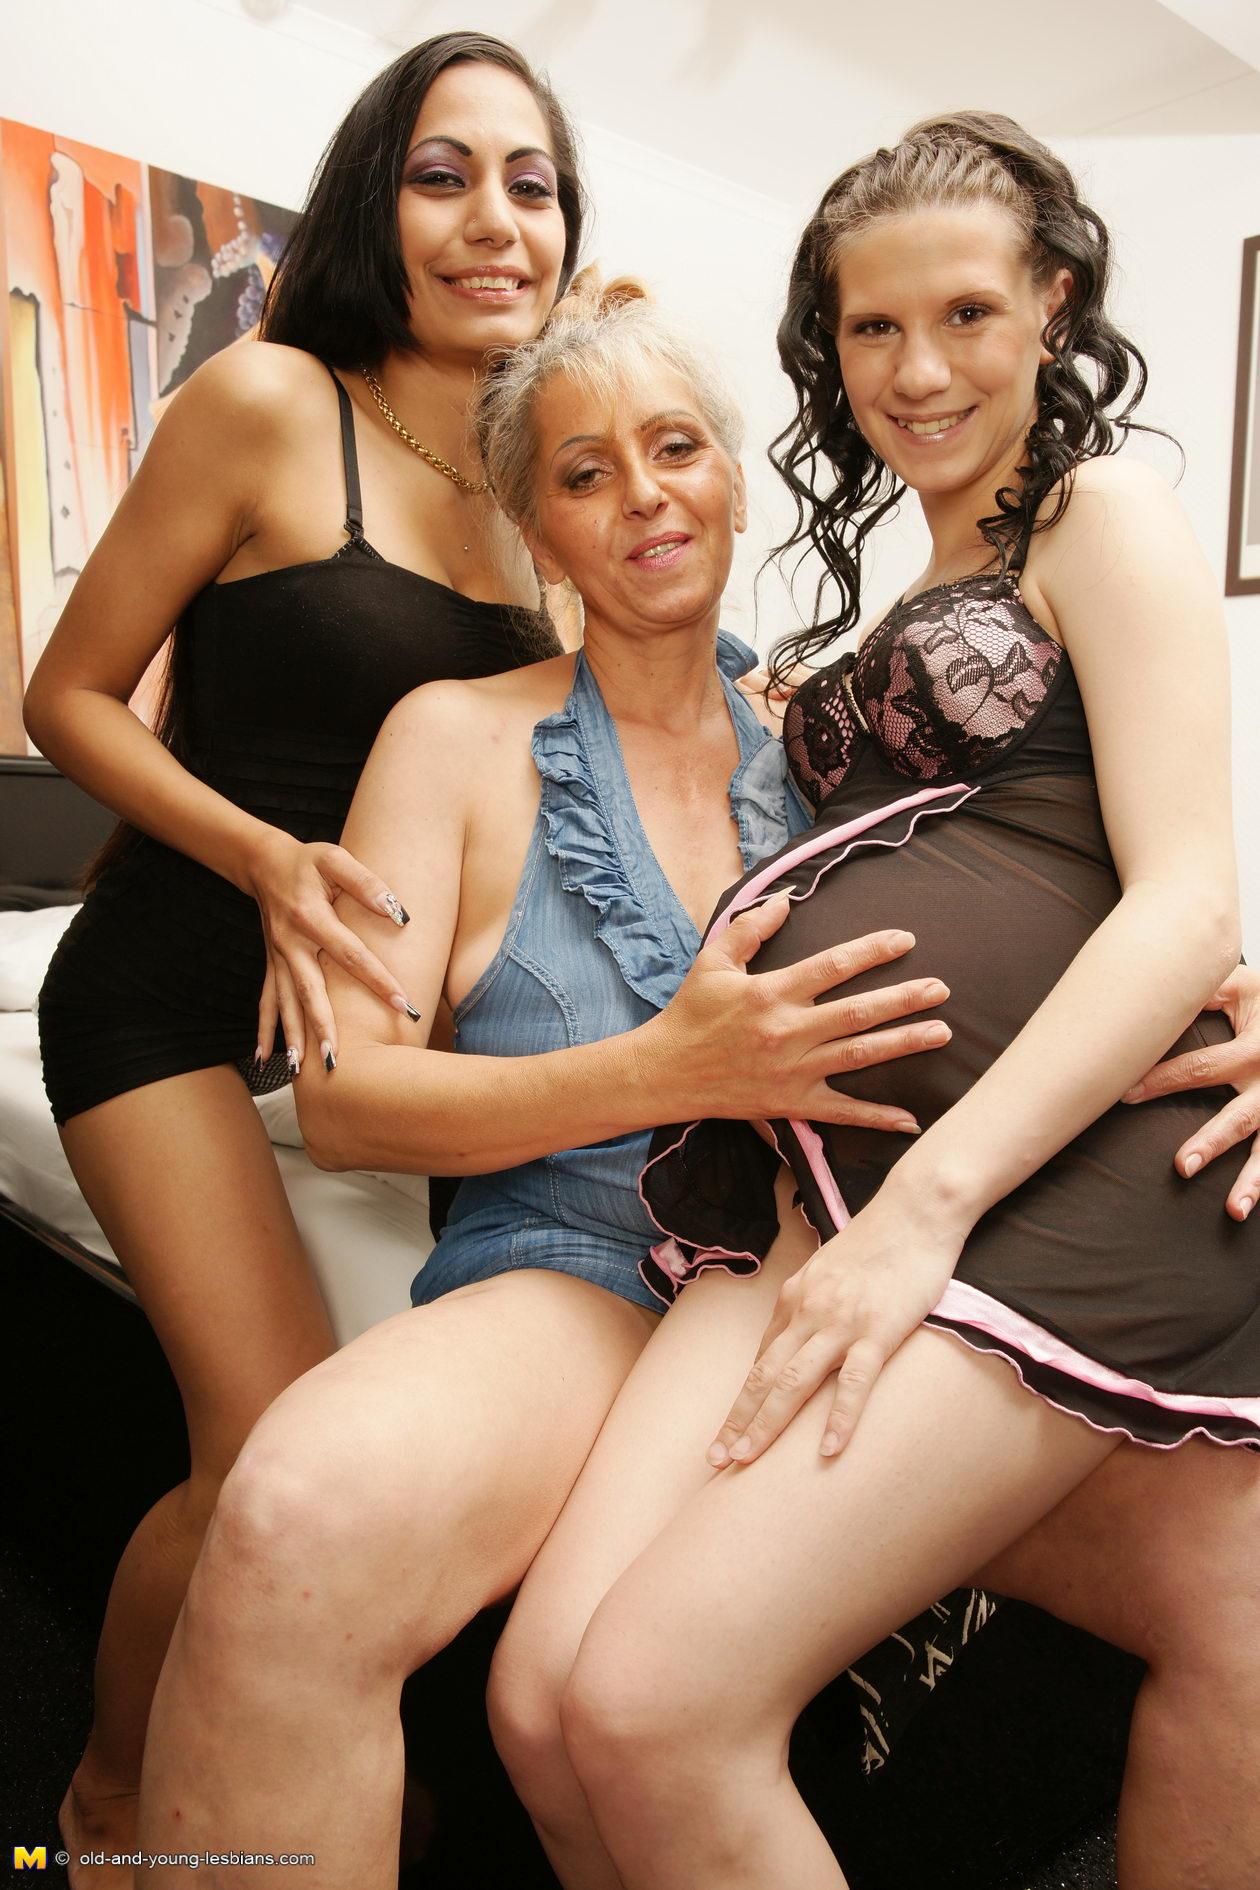 Young pregnant lesbian grannies